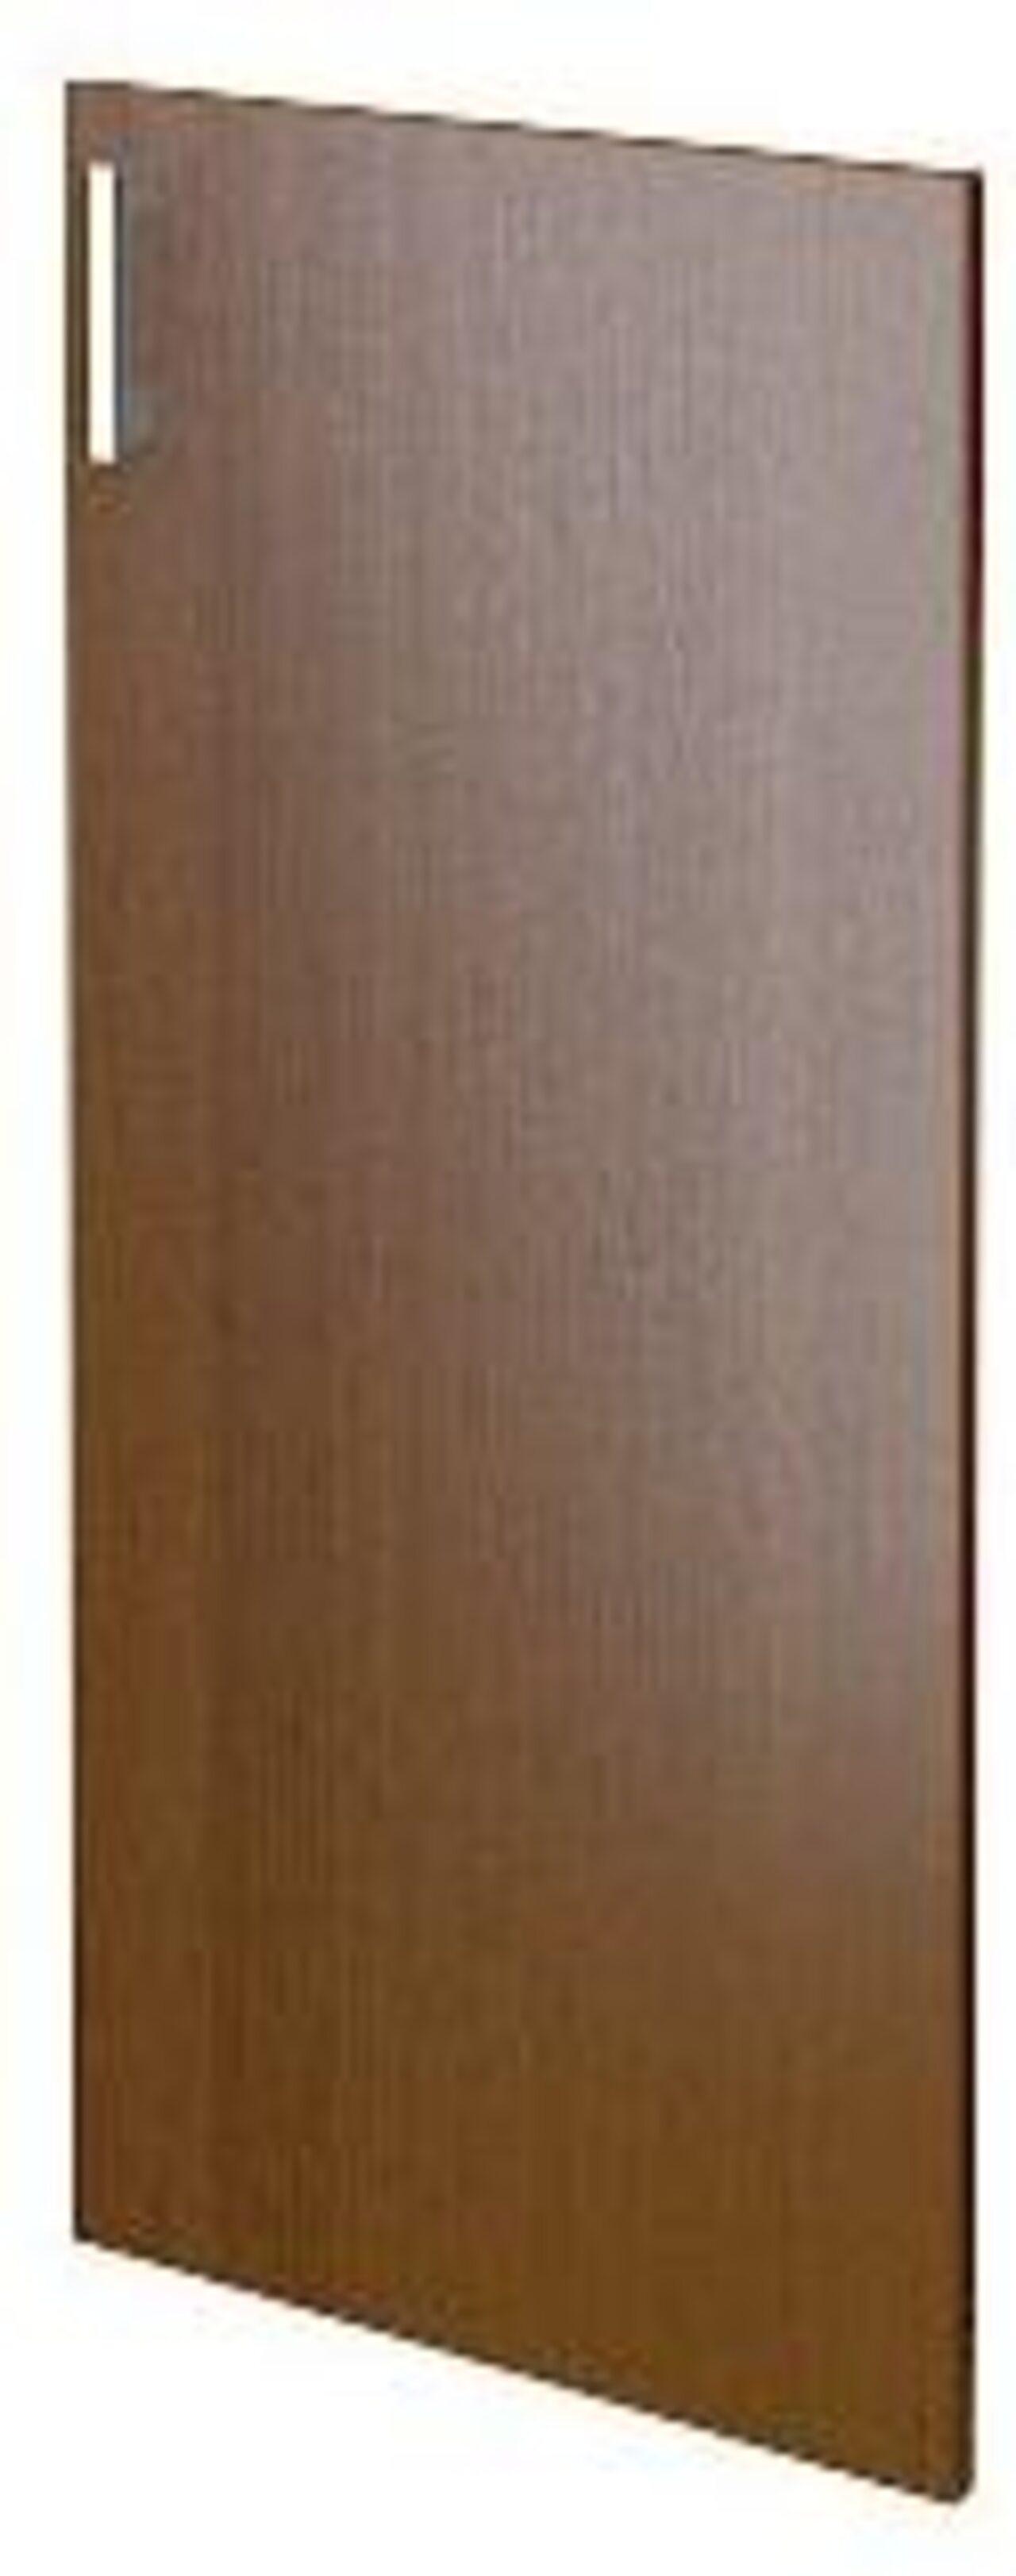 Дверь для узкого стеллажа  Арго 51x2x112 - фото 3